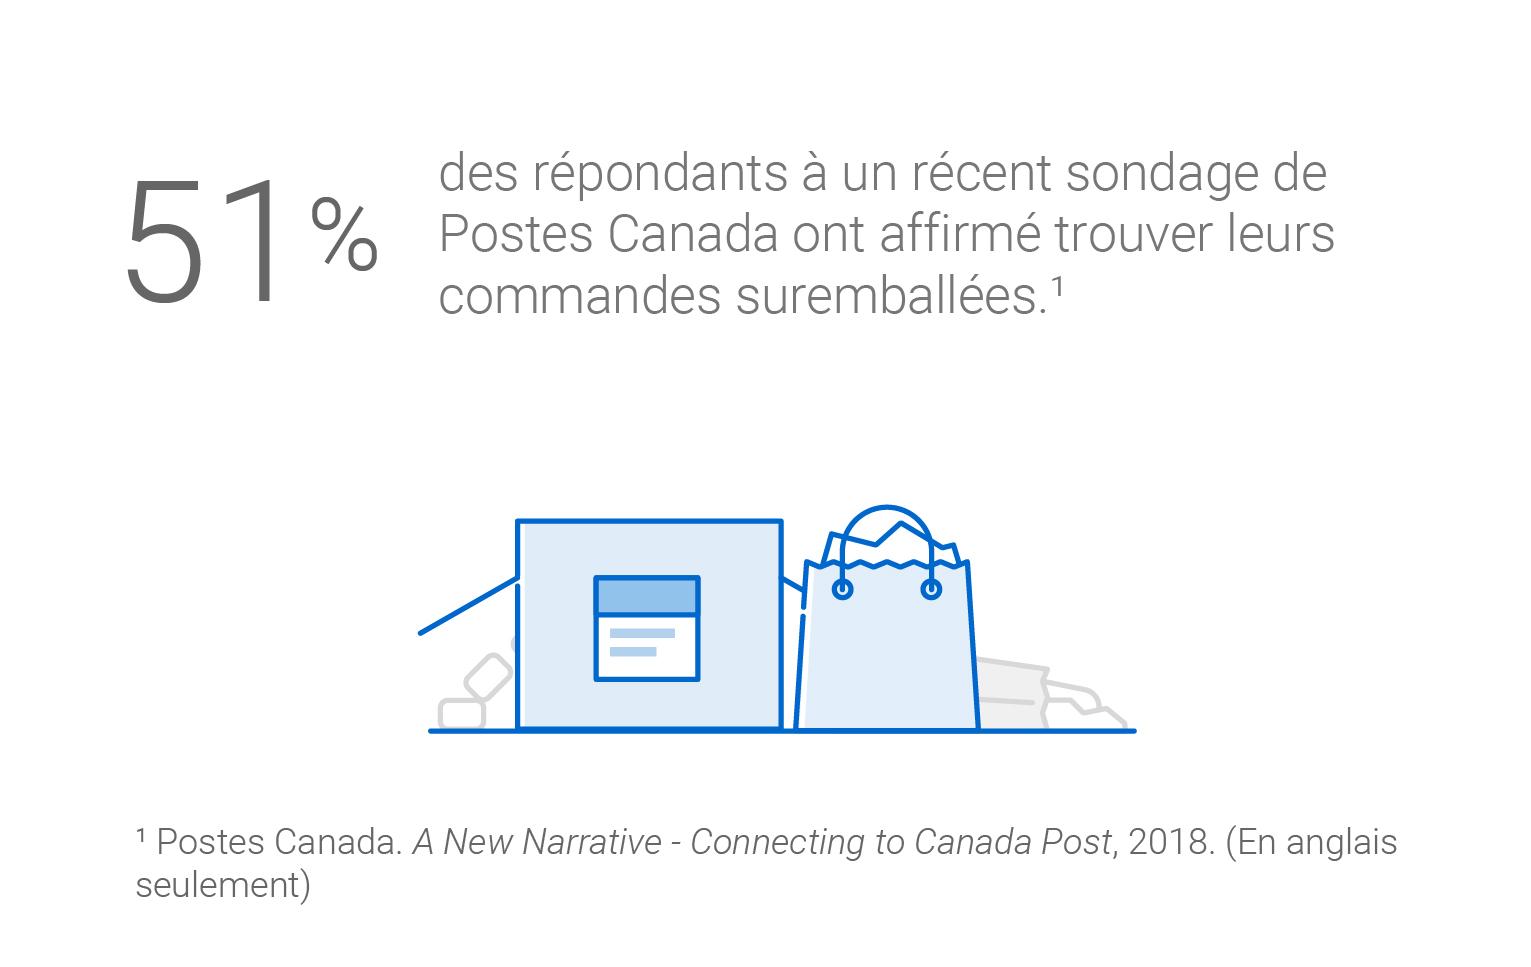 51 % des répondants à un récent sondage de Postes Canada ont affirmé trouver leurs commandes suremballées. Source : Rapport quantitatif de 2018 A New Narrative – Connecting to Canada Post. (En anglais seulement)